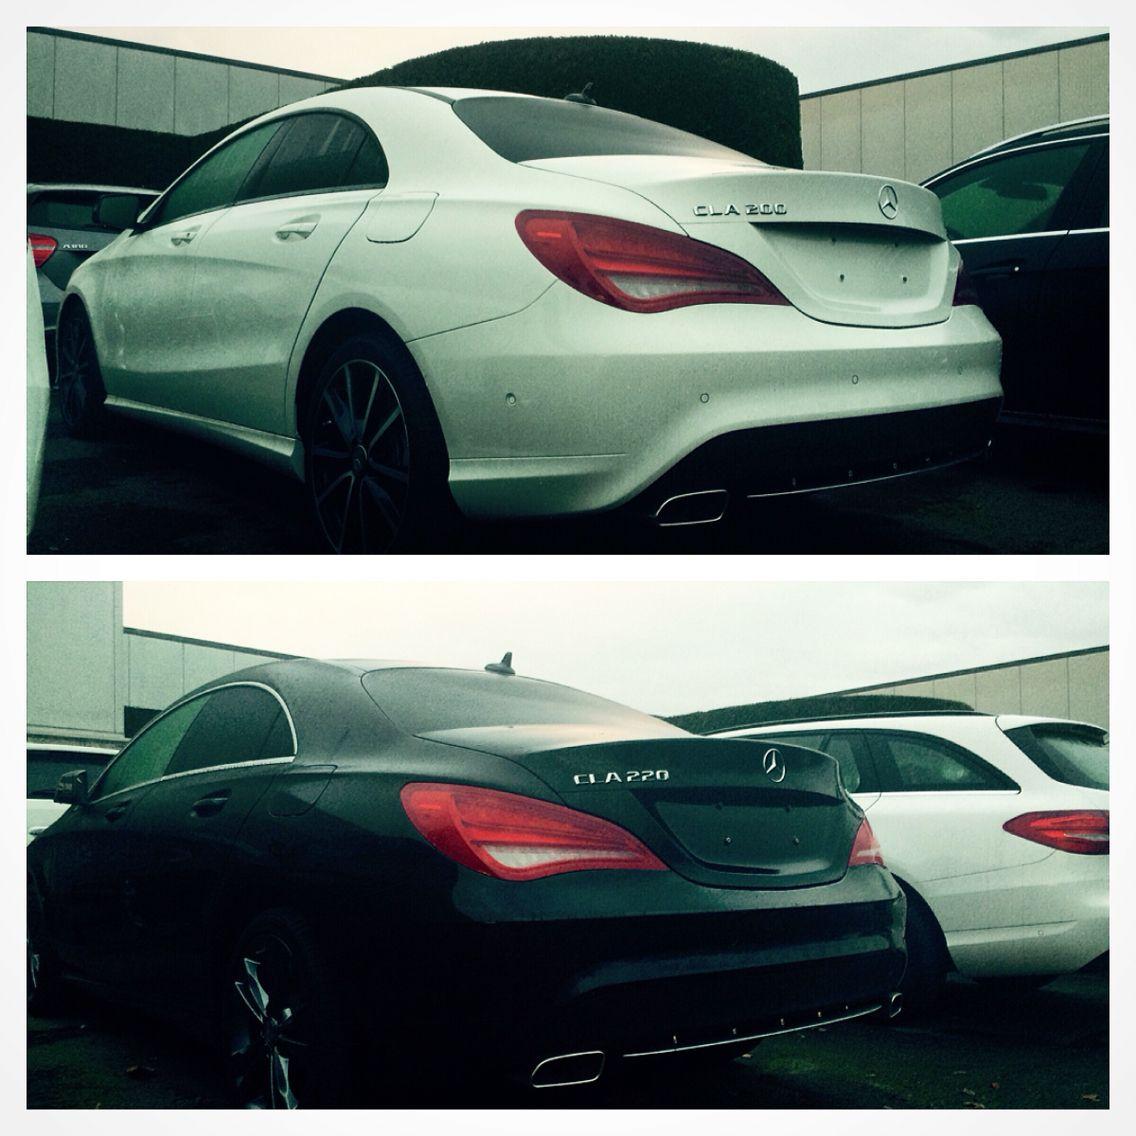 Mercedes Benz White CLA 200 Vs. Black CLA 220